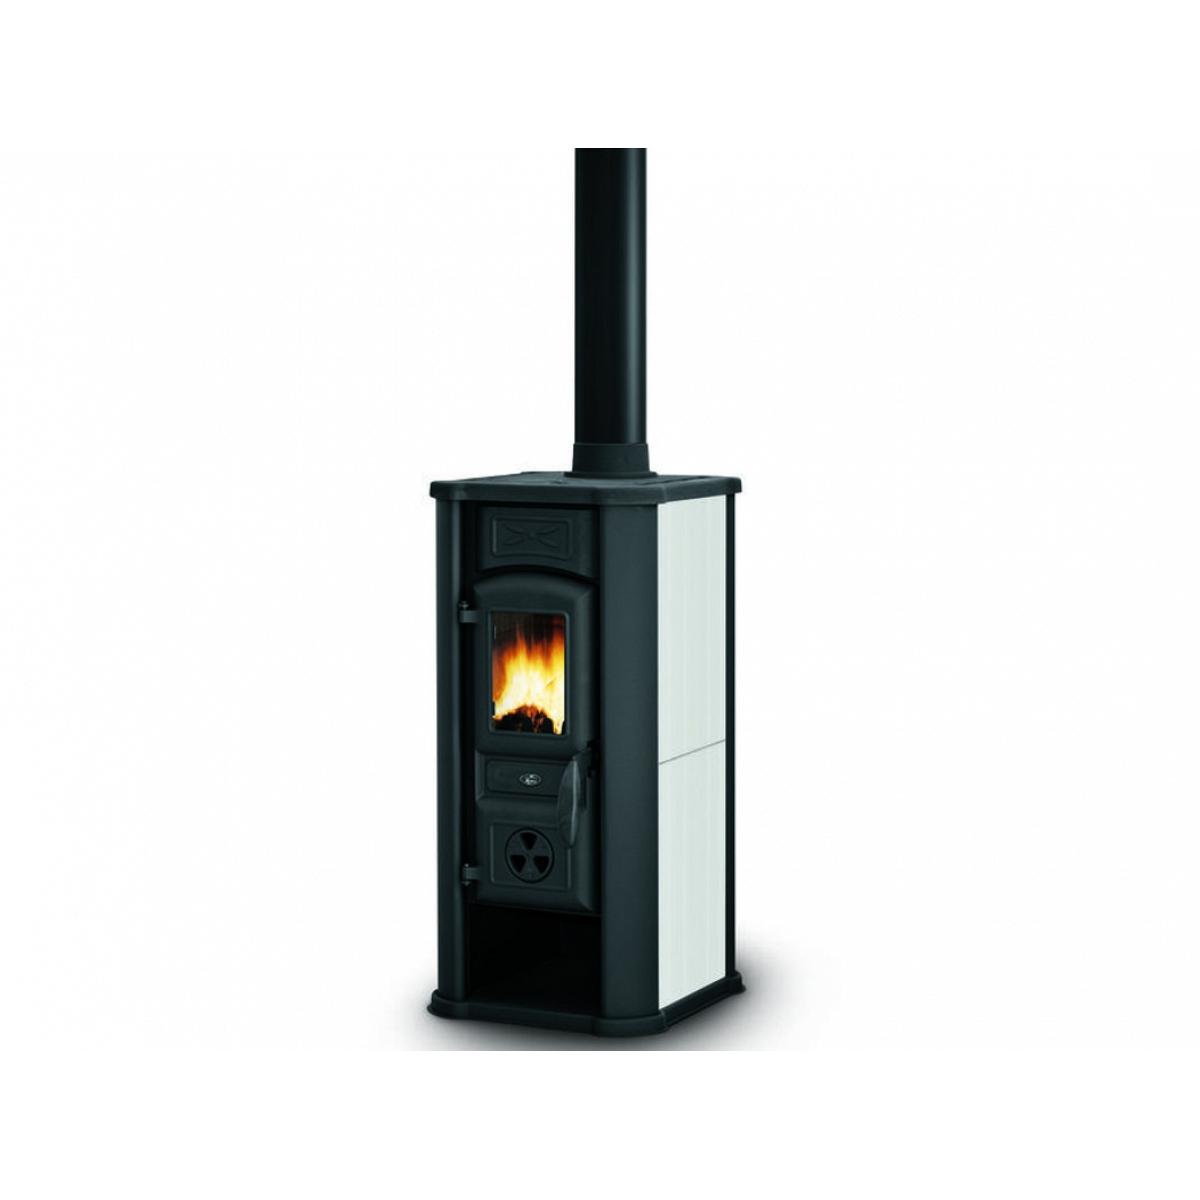 Stufa a legna bianco royal palazzetti mod efesto - Stufe a legna per riscaldamento ...